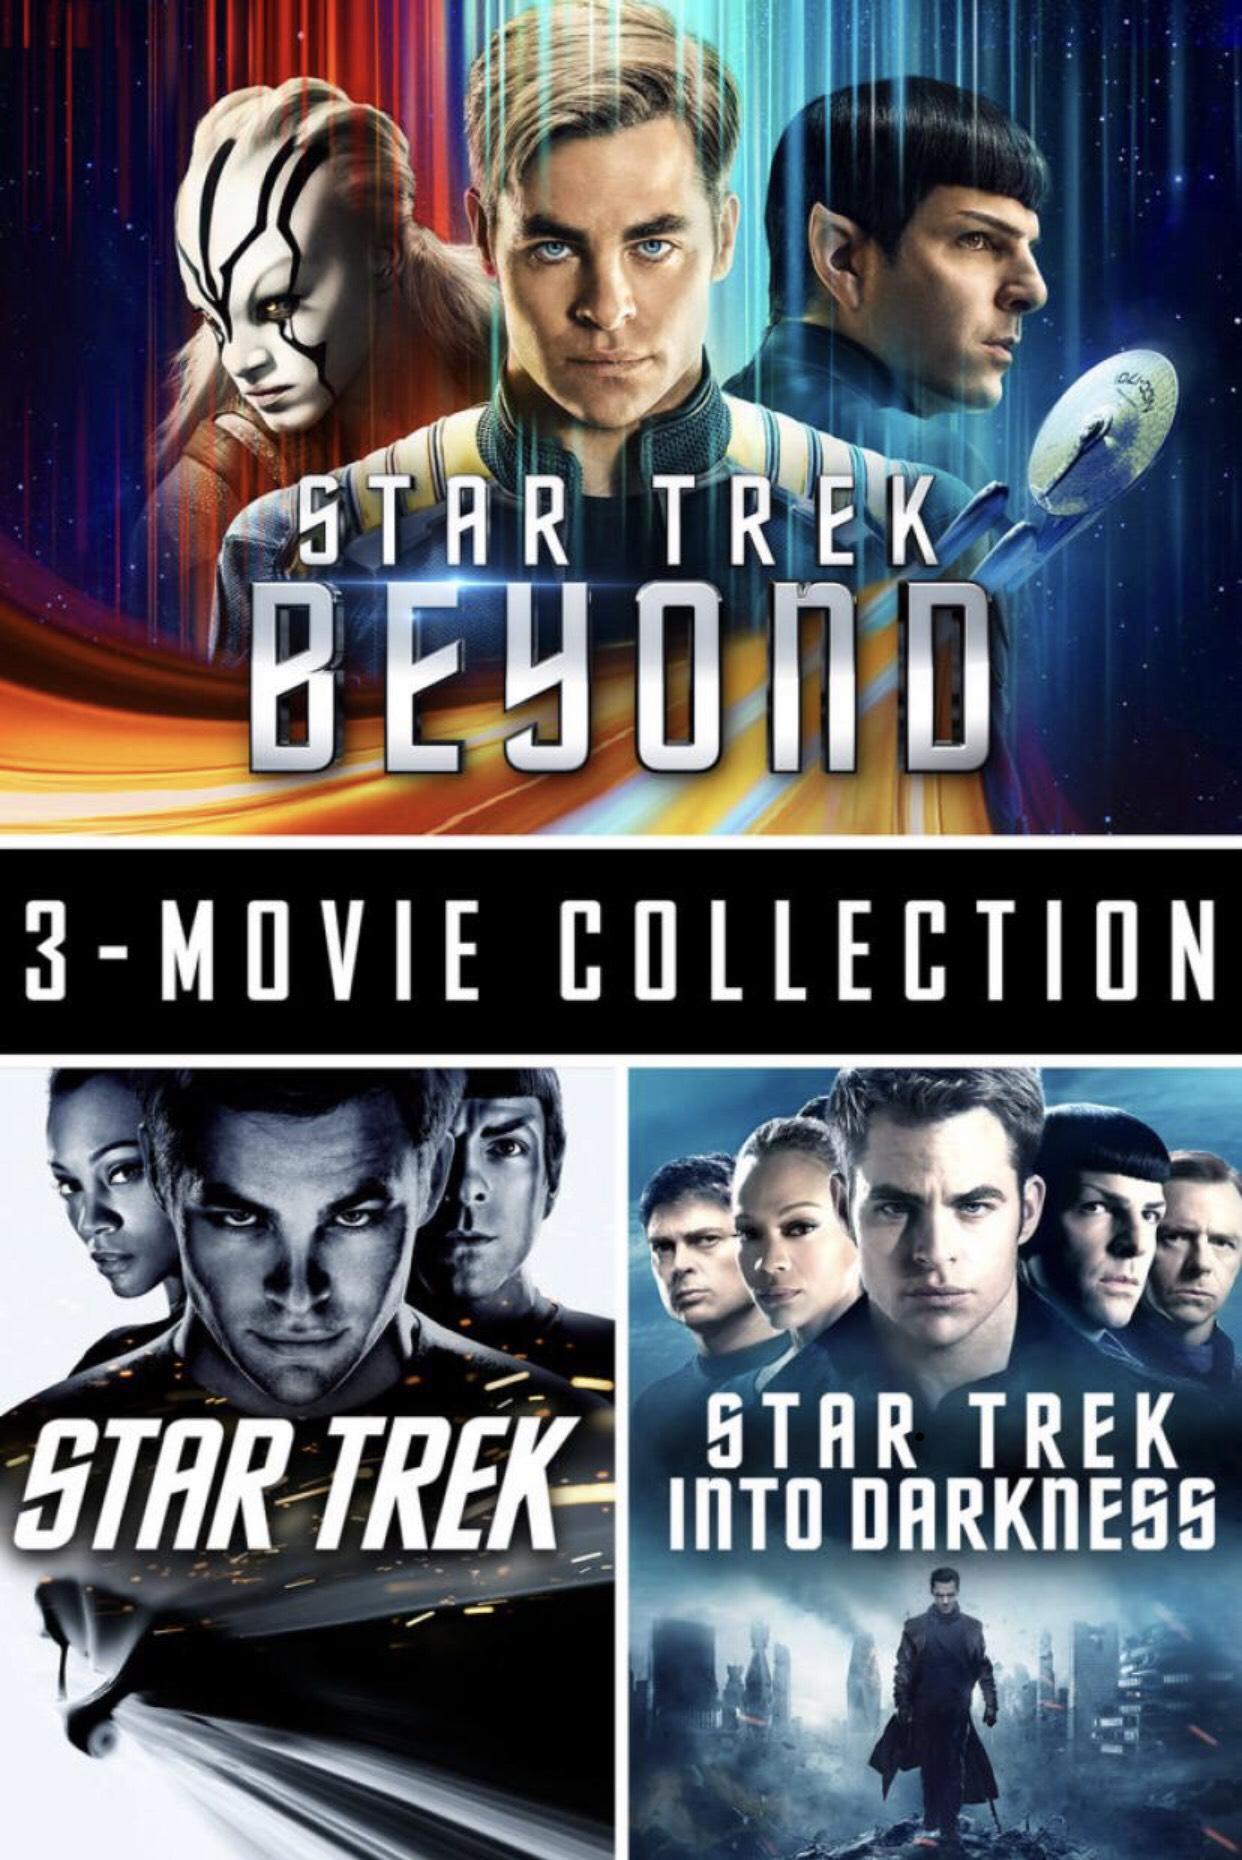 Star Trek 3 Movie Collection £12.99 @ iTunes